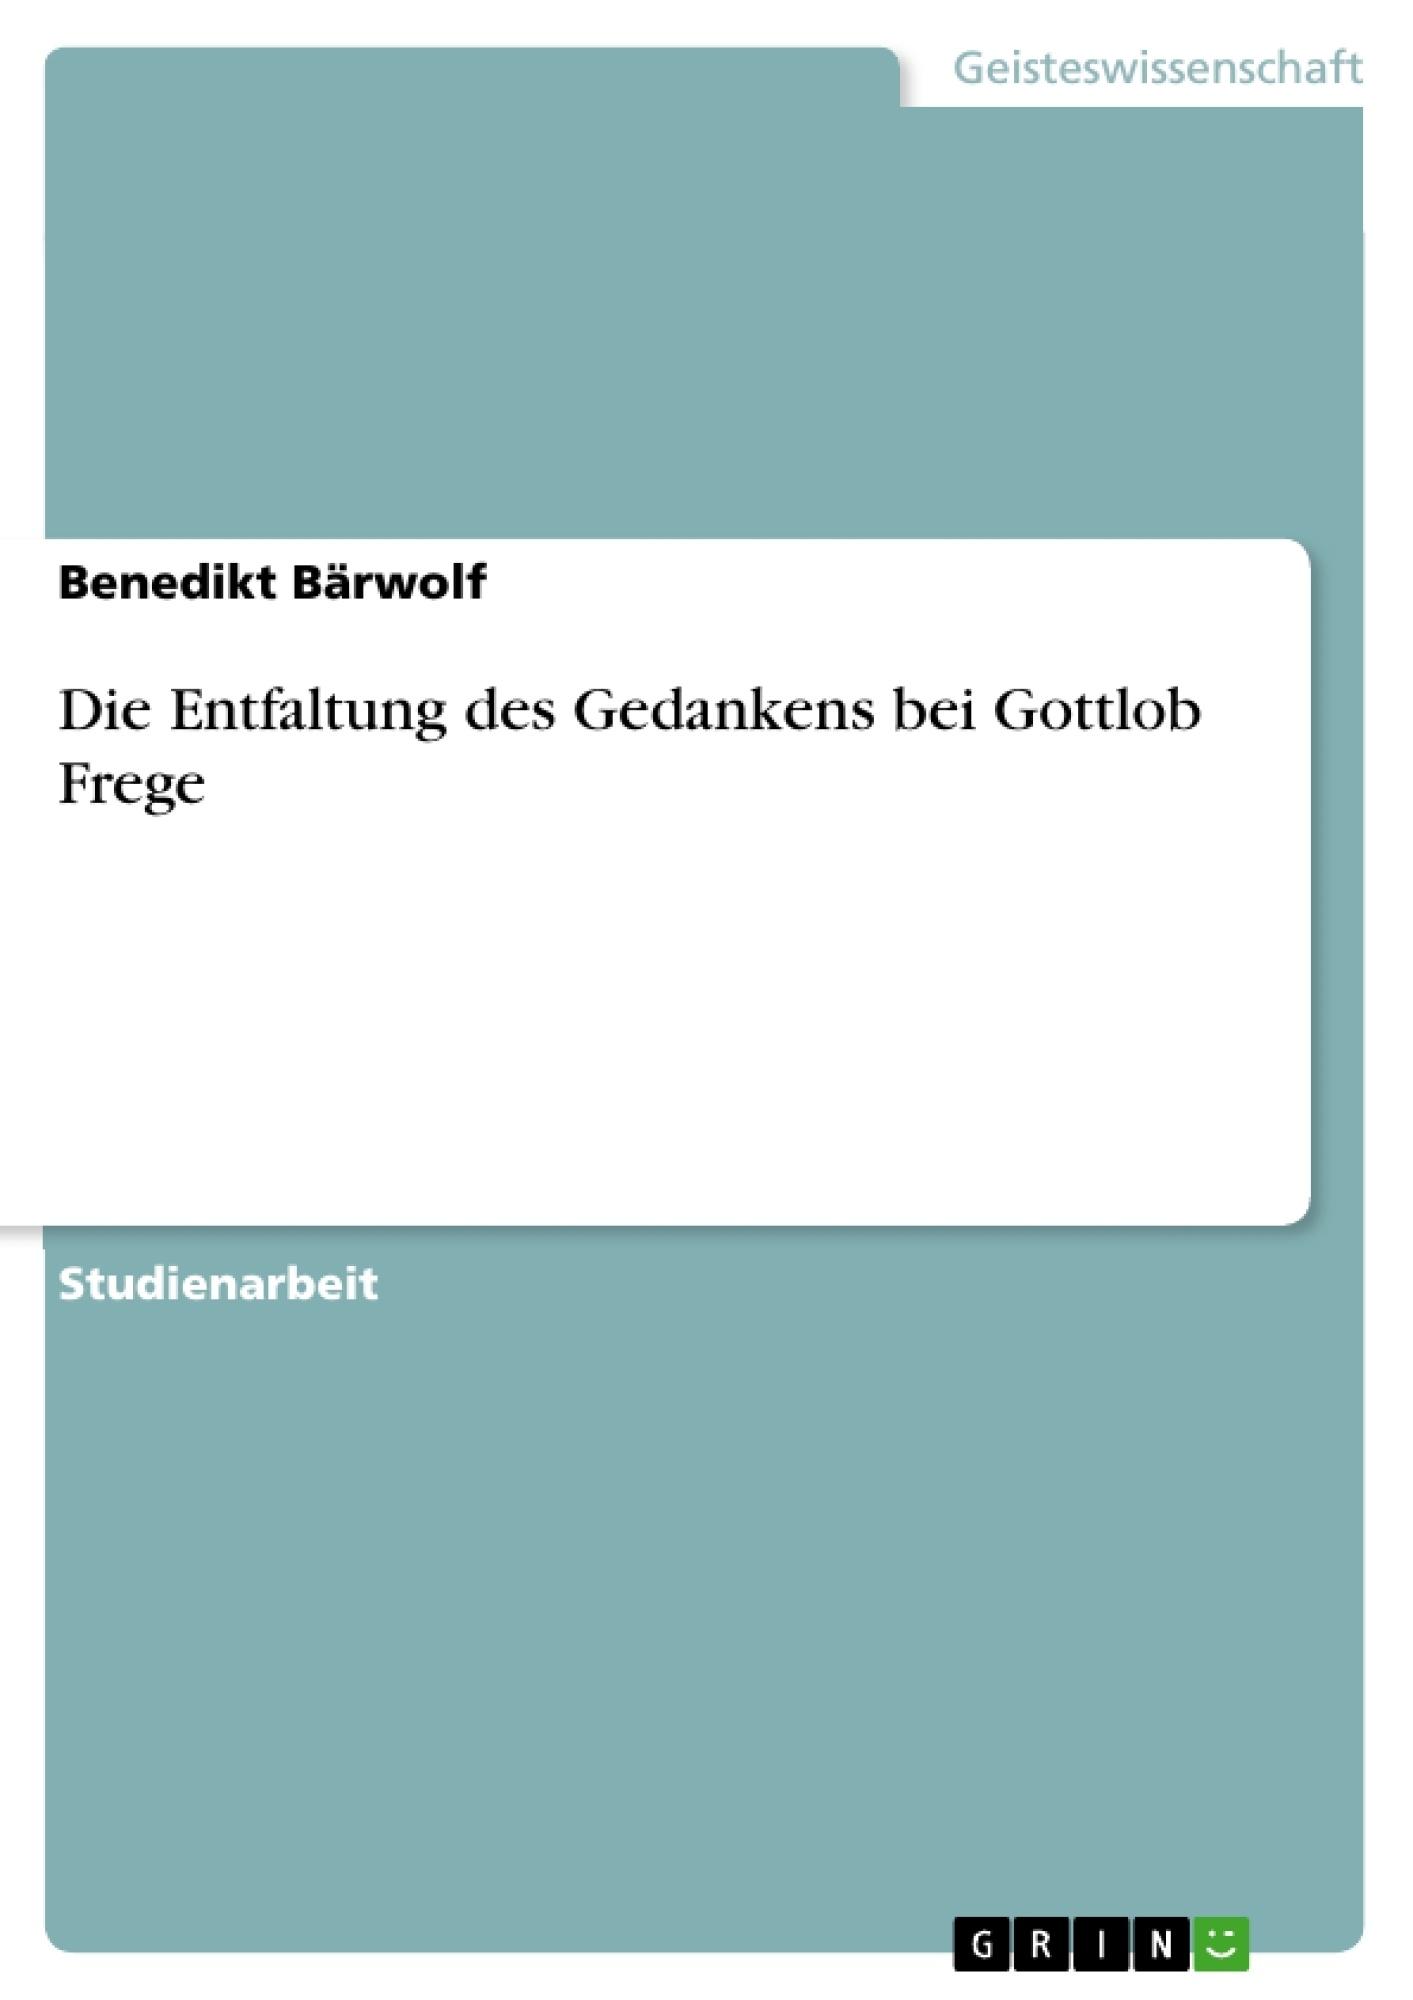 Titel: Die Entfaltung des Gedankens bei Gottlob Frege